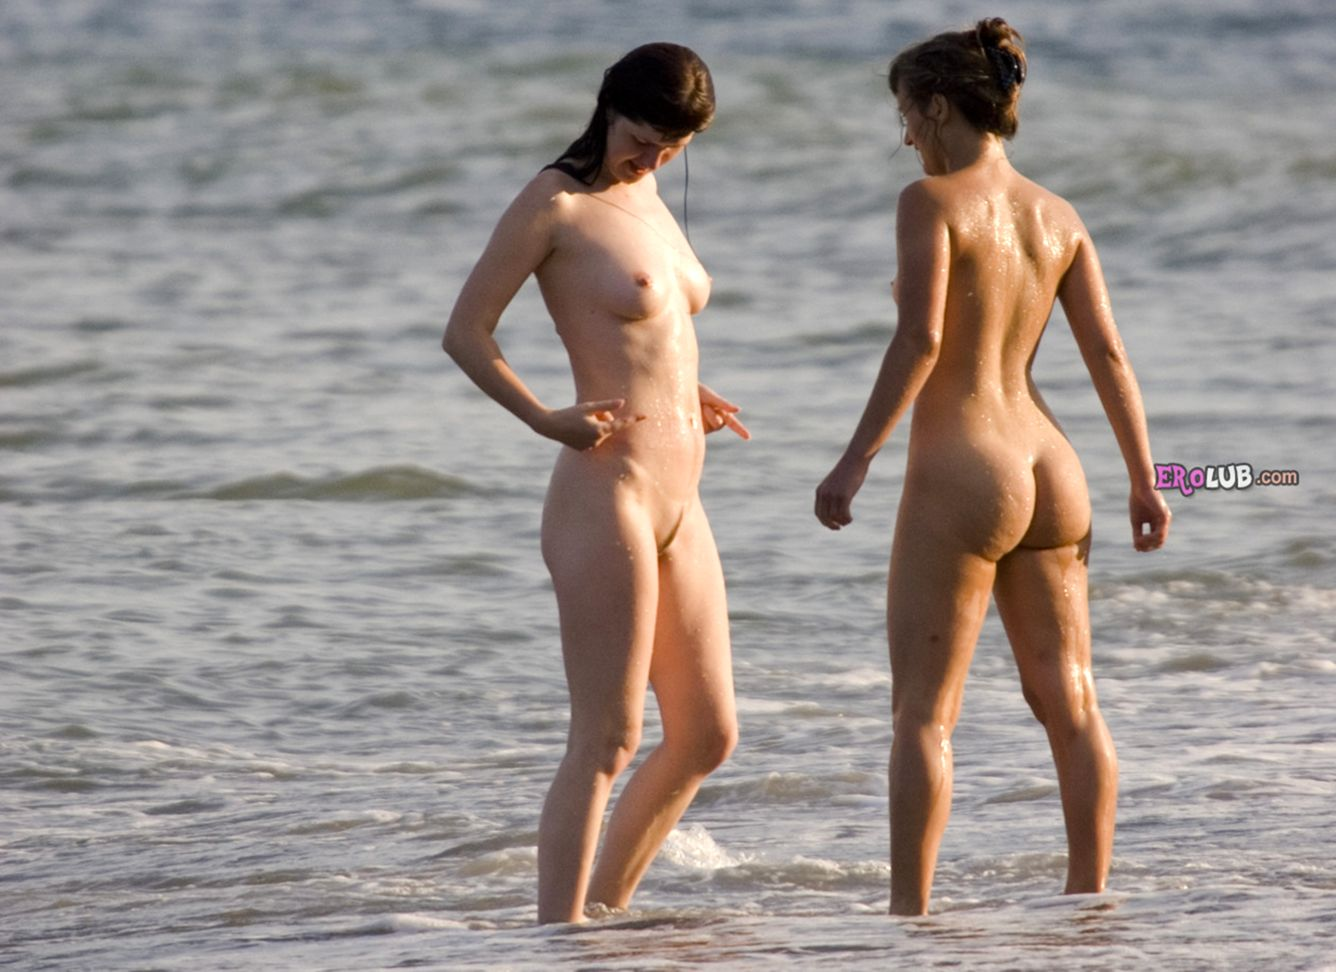 фото голых девушек на людях